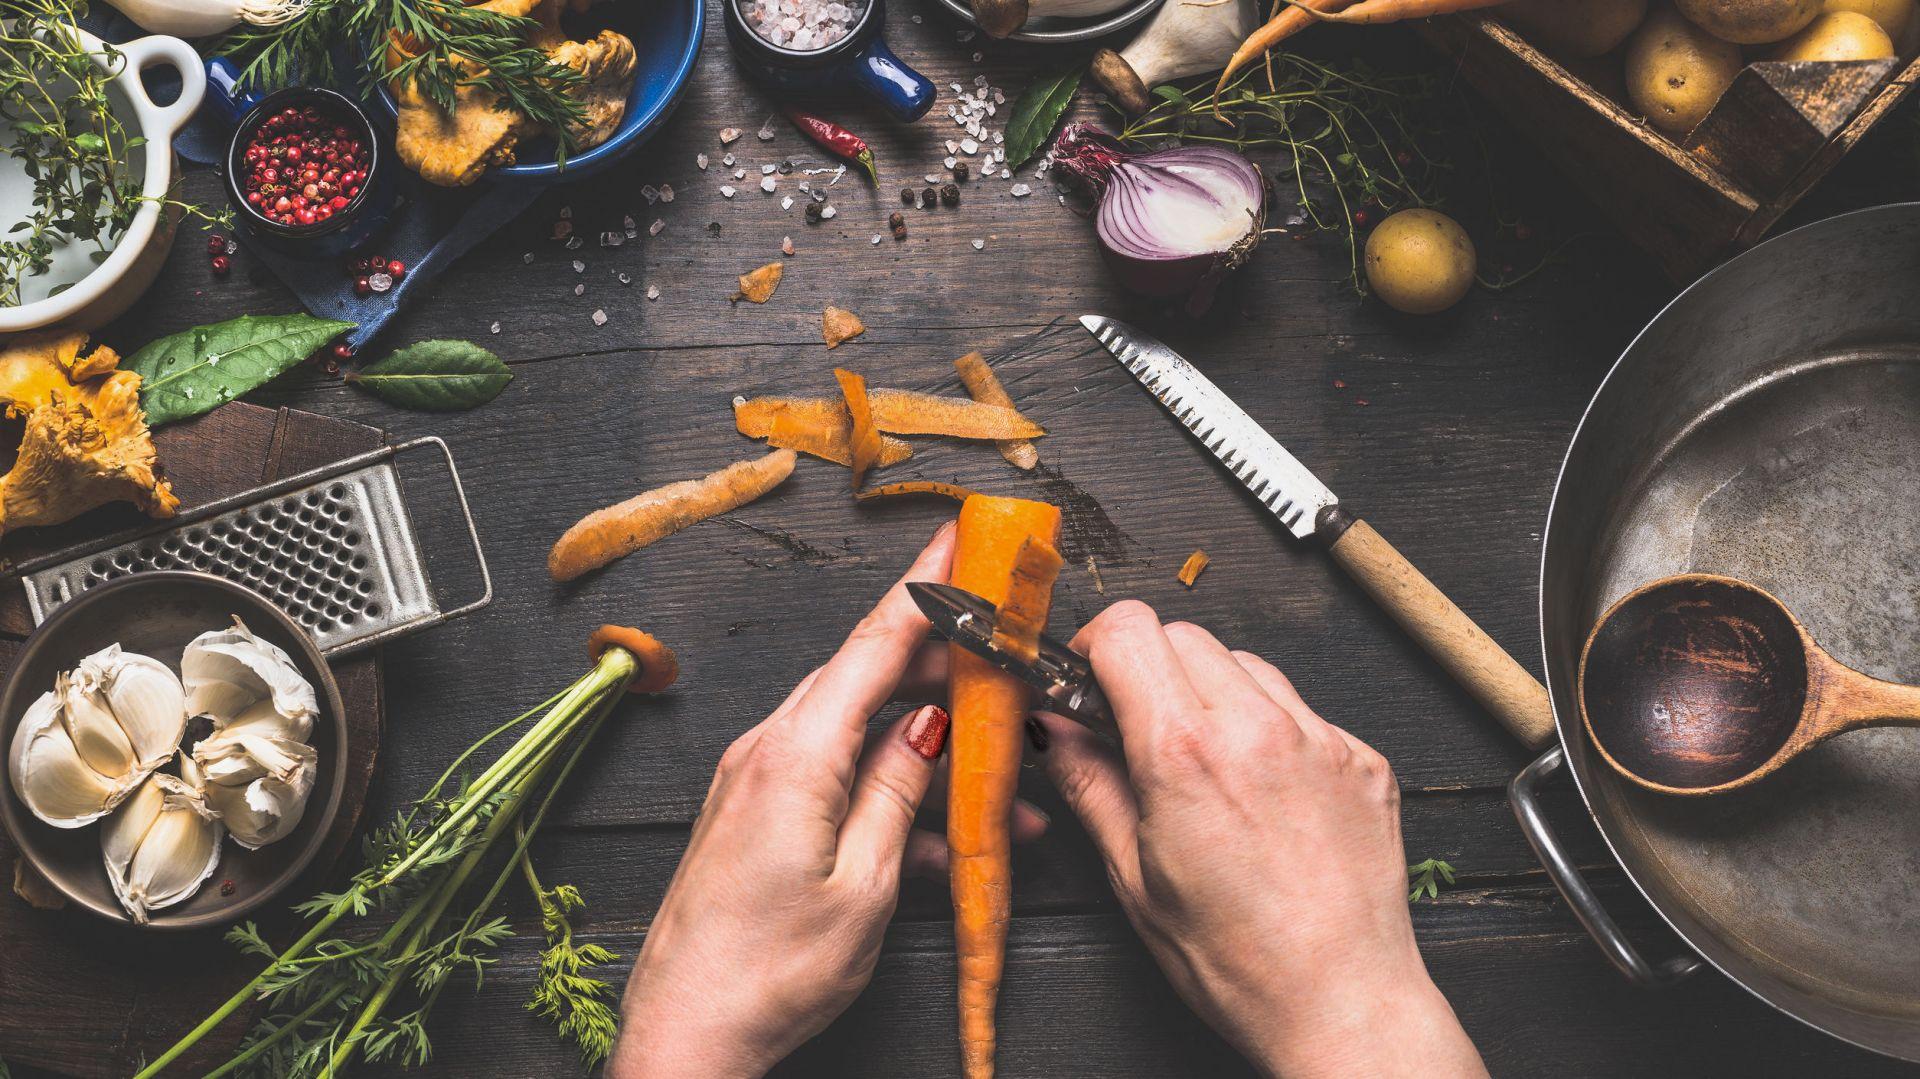 Gromadzenie i usuwanie odpadów biologicznych powstających podczas przygotowywania posiłków to jeden z podstawowych problemów w każdej kuchni. Fot. Kernau